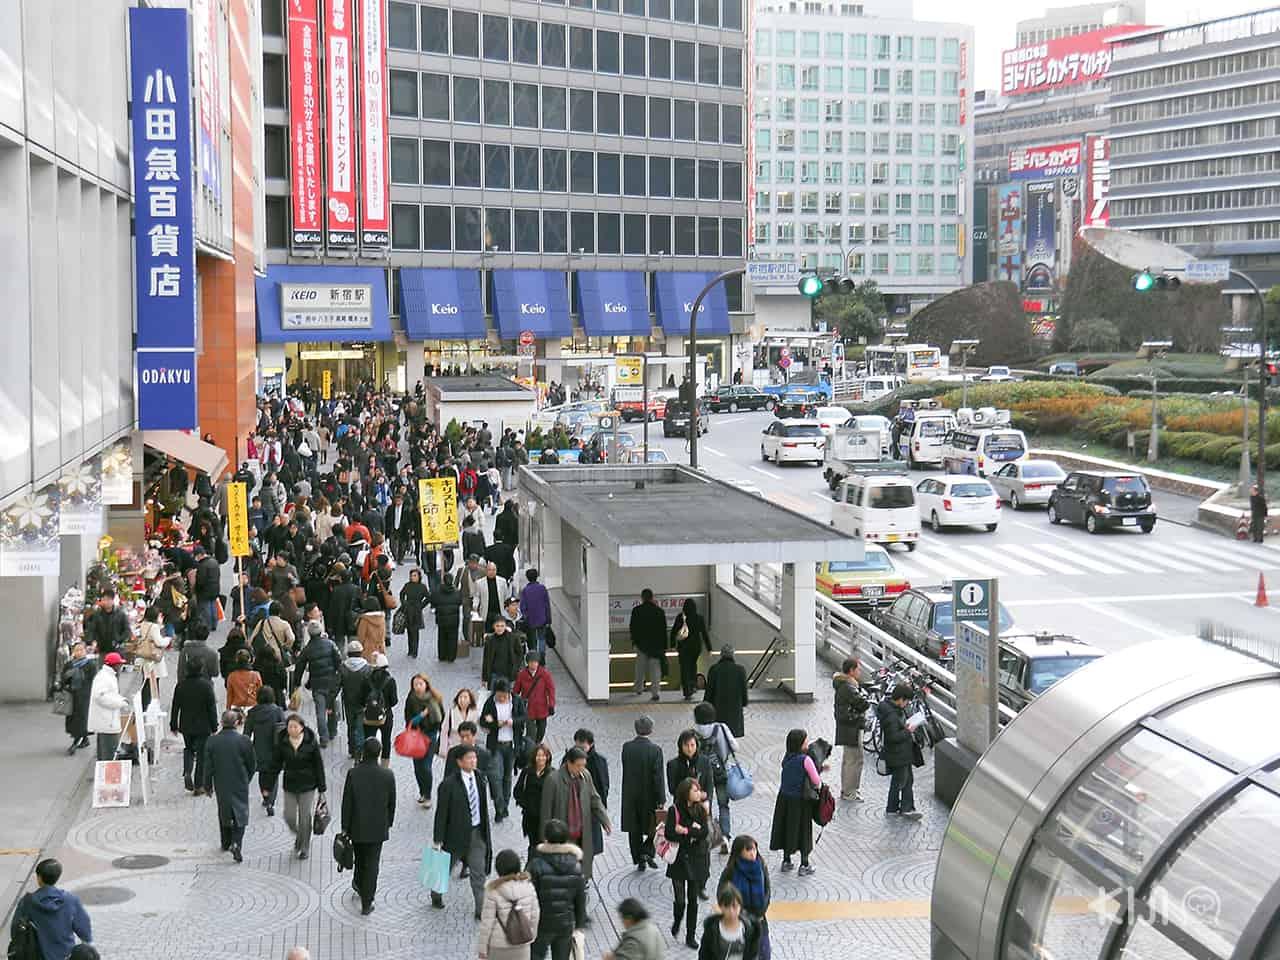 ห้างสรรพสินค้ารอบๆ สถานีรถไฟชินจูกุ - แหล่งท่องเที่ยว สถานีรถไฟในญี่ปุ่น